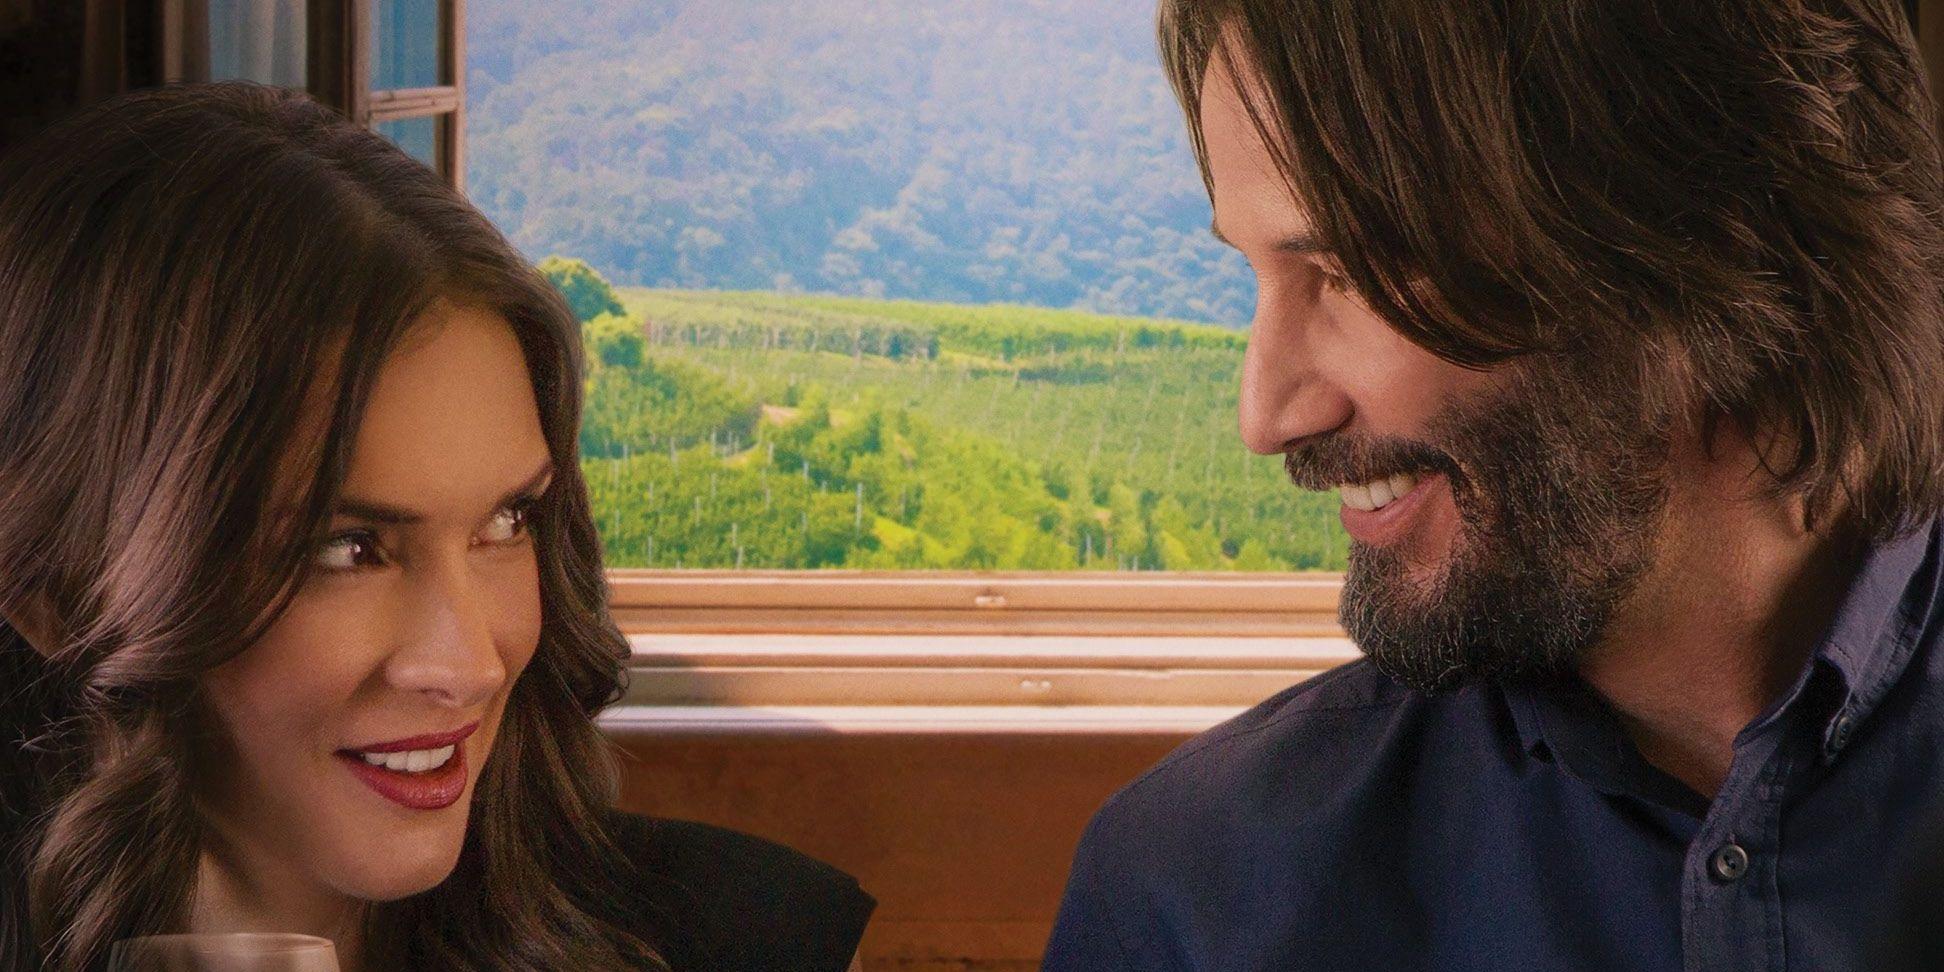 Destination Wedding Review.Destination Wedding Movie Review Screenrant